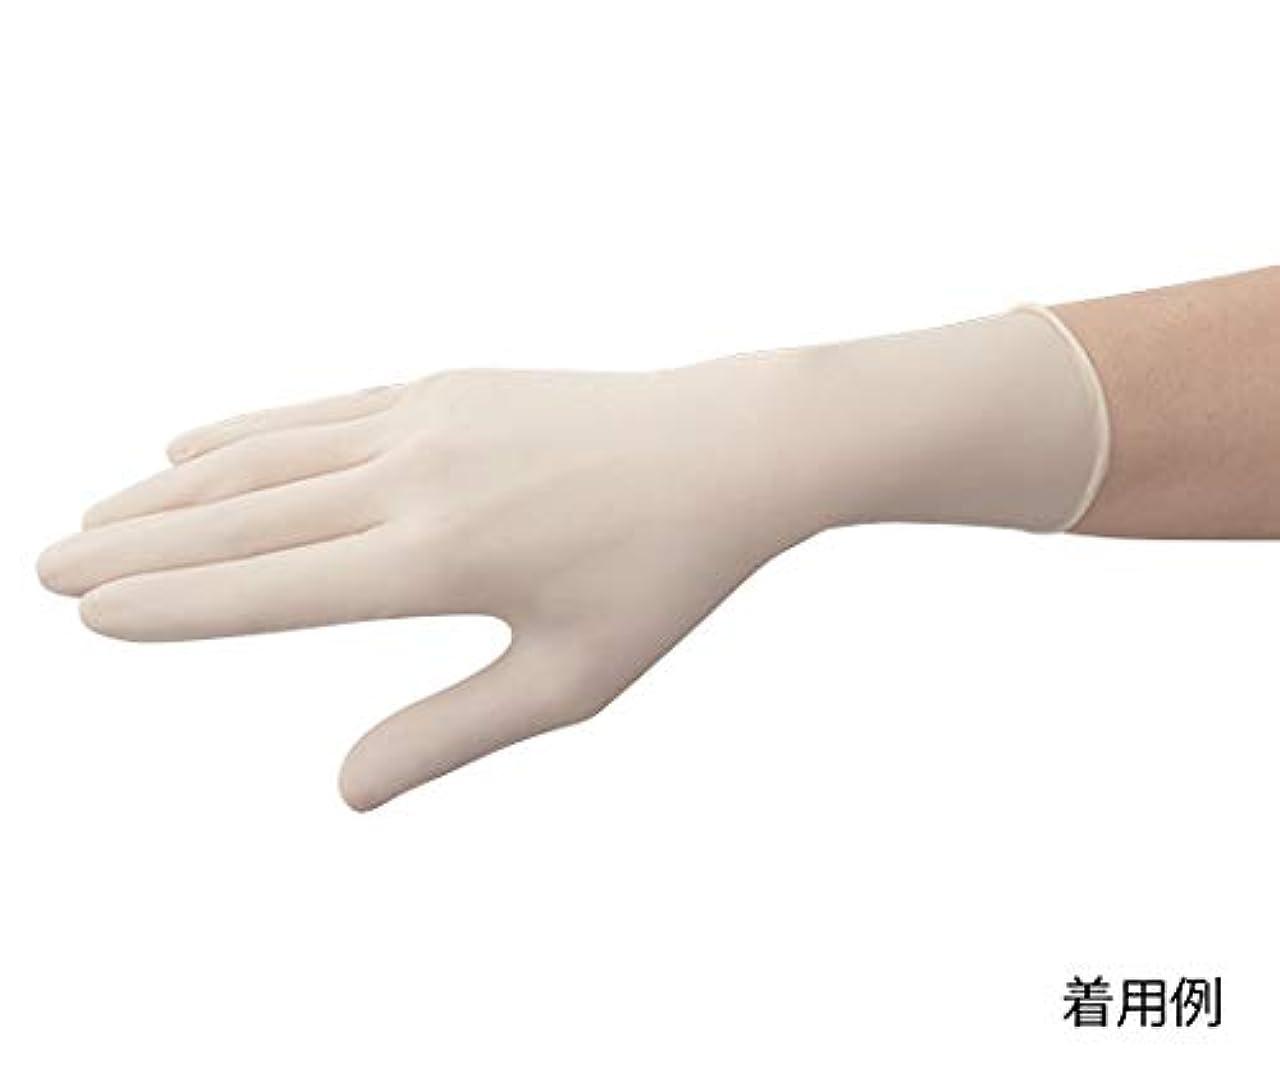 二次無駄だ放棄する東レ?メディカル 手術用手袋メディグリップ パウダーフリー50双 8160MG